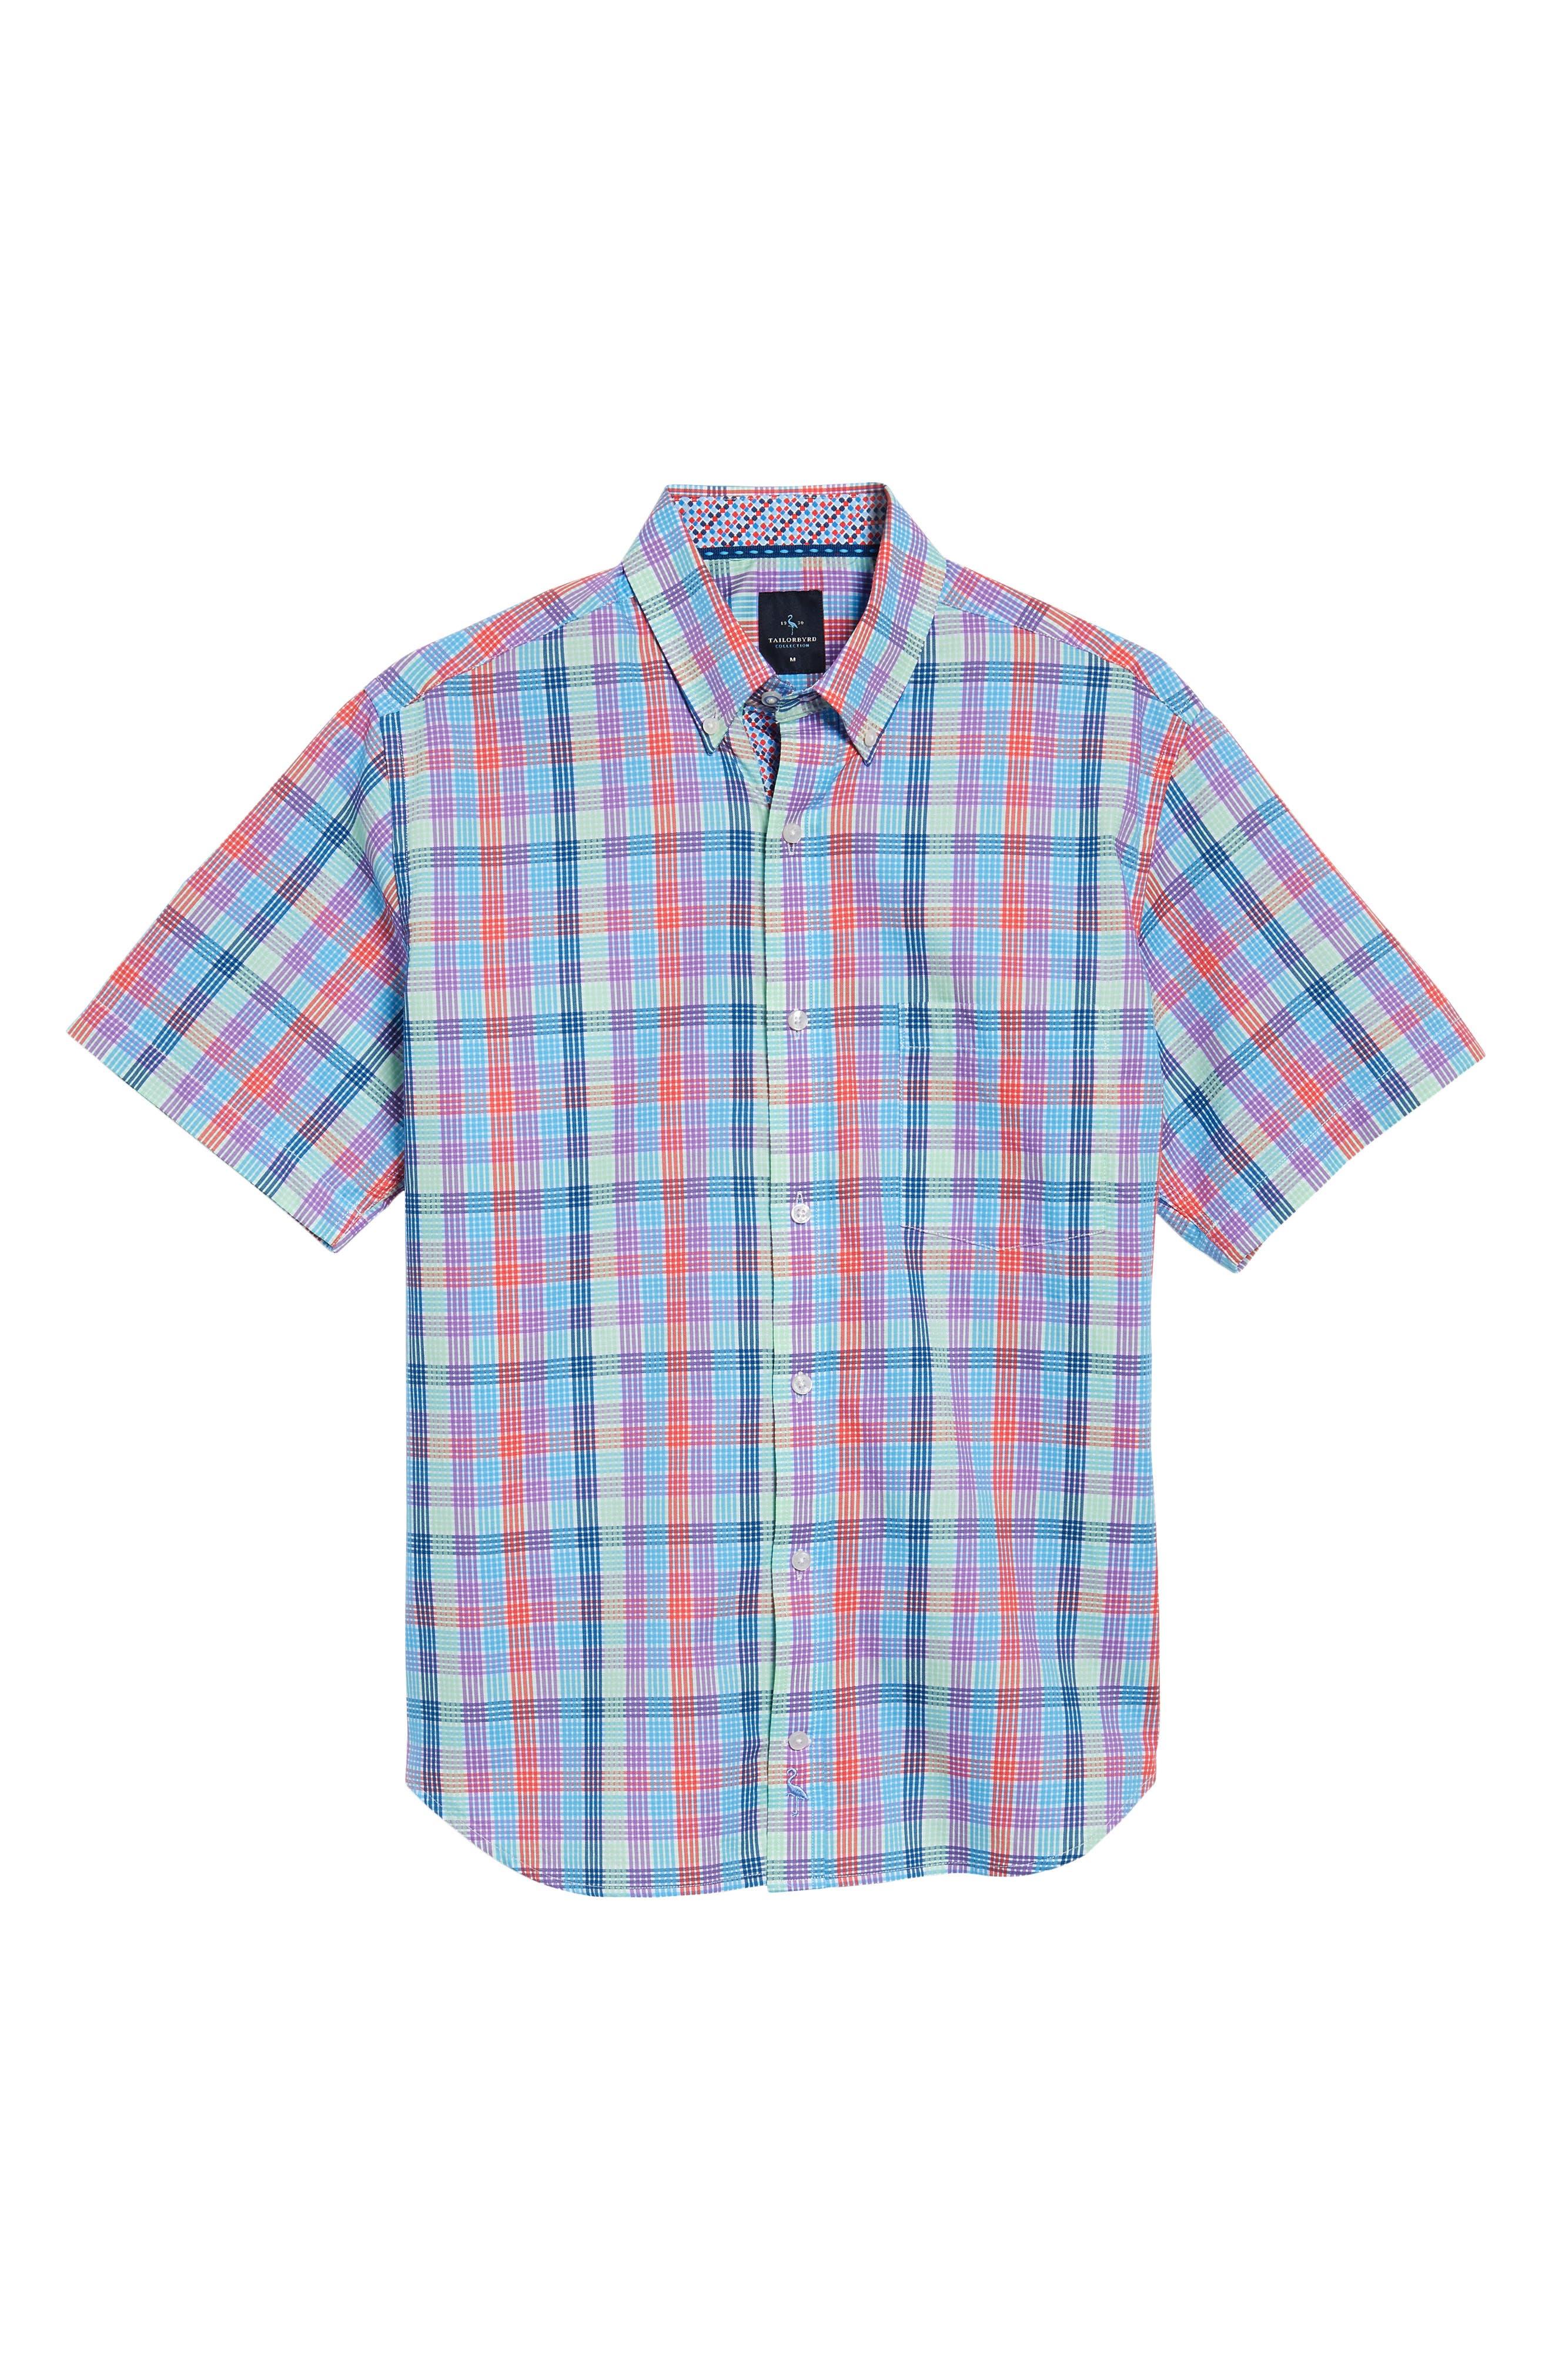 Slidell Regular Fit Check Sport Shirt,                             Alternate thumbnail 6, color,